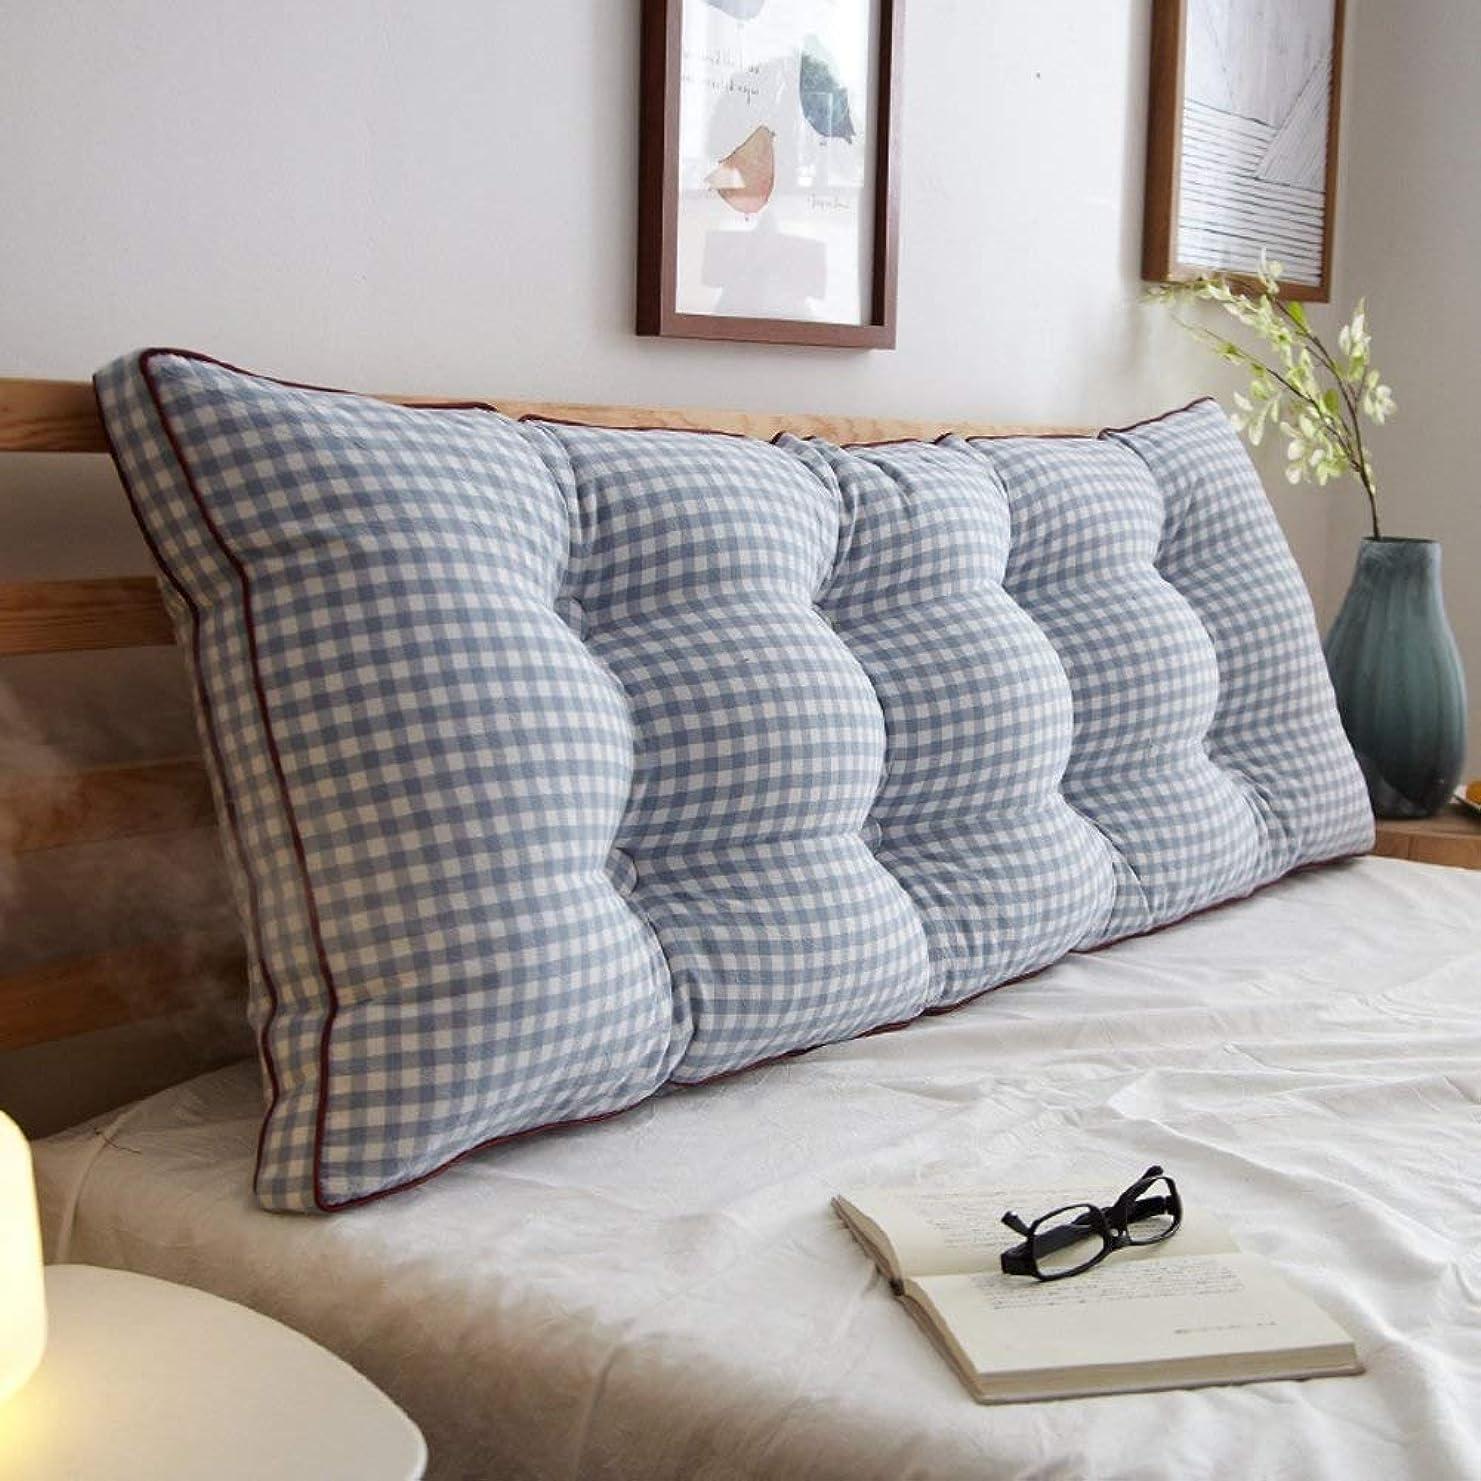 可愛い談話一般化する取り外し可能なベッドサイドバッククッション、ソファベッドの布張りをしたヘッドボード、ソフト畳ダブル大腰椎サポートクッション (Color : P, Size : 90x20x50cm(35x8x20in))